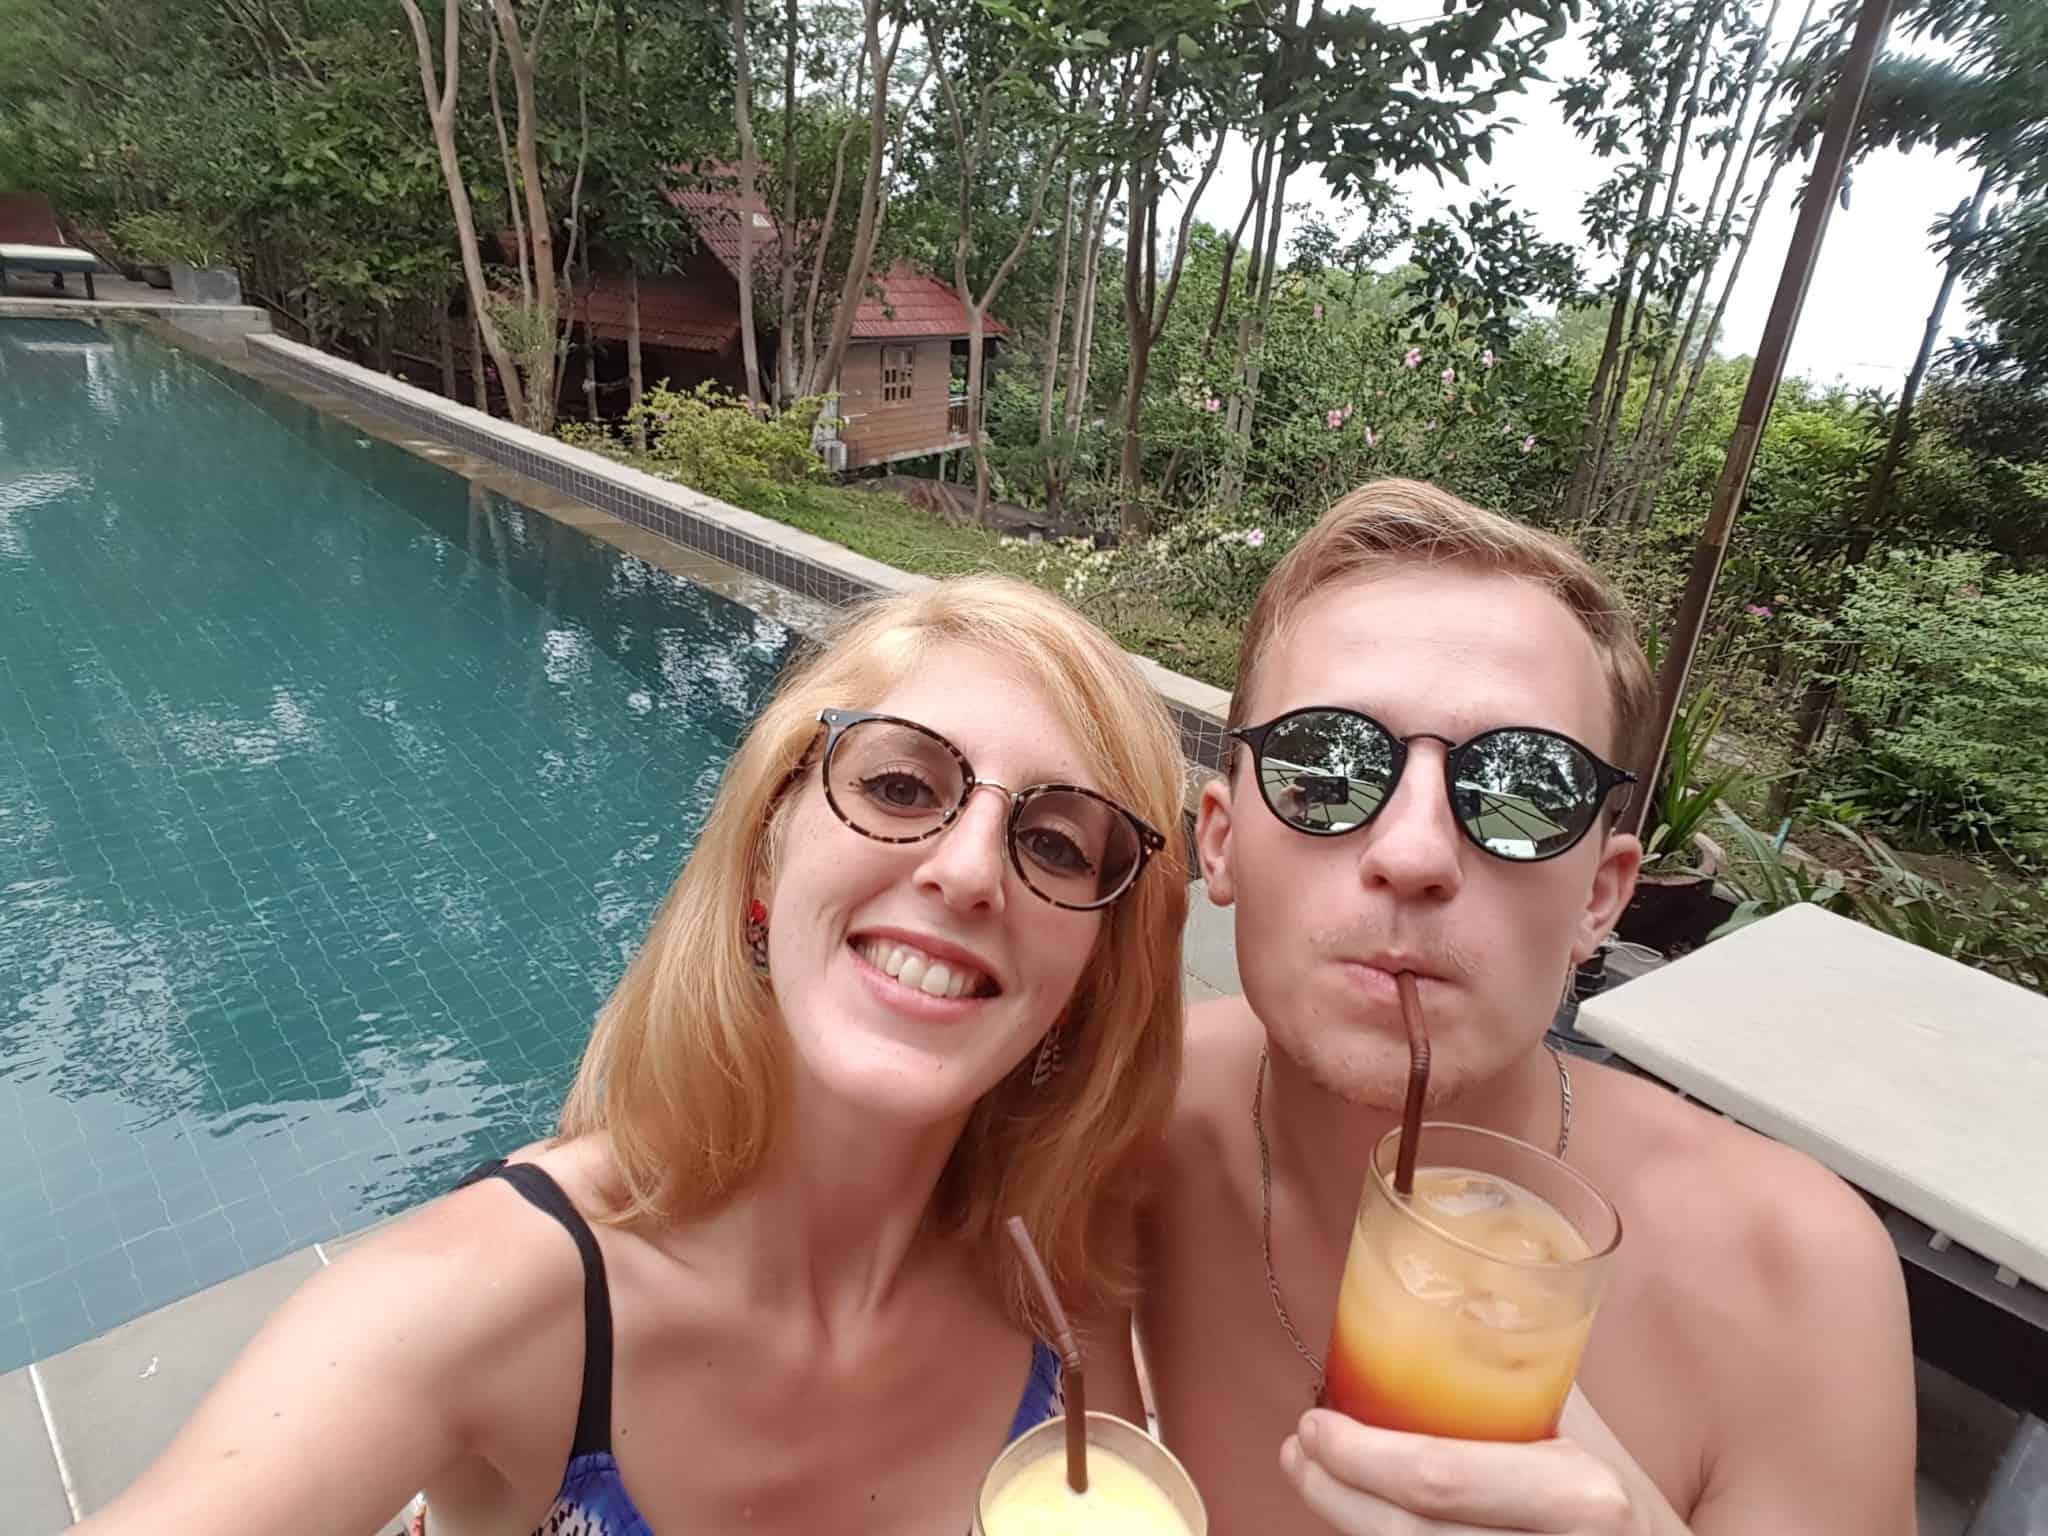 Cambodge, 4 jours au paradis dans le plus bel hôtel de Sihanoukville 😍 9